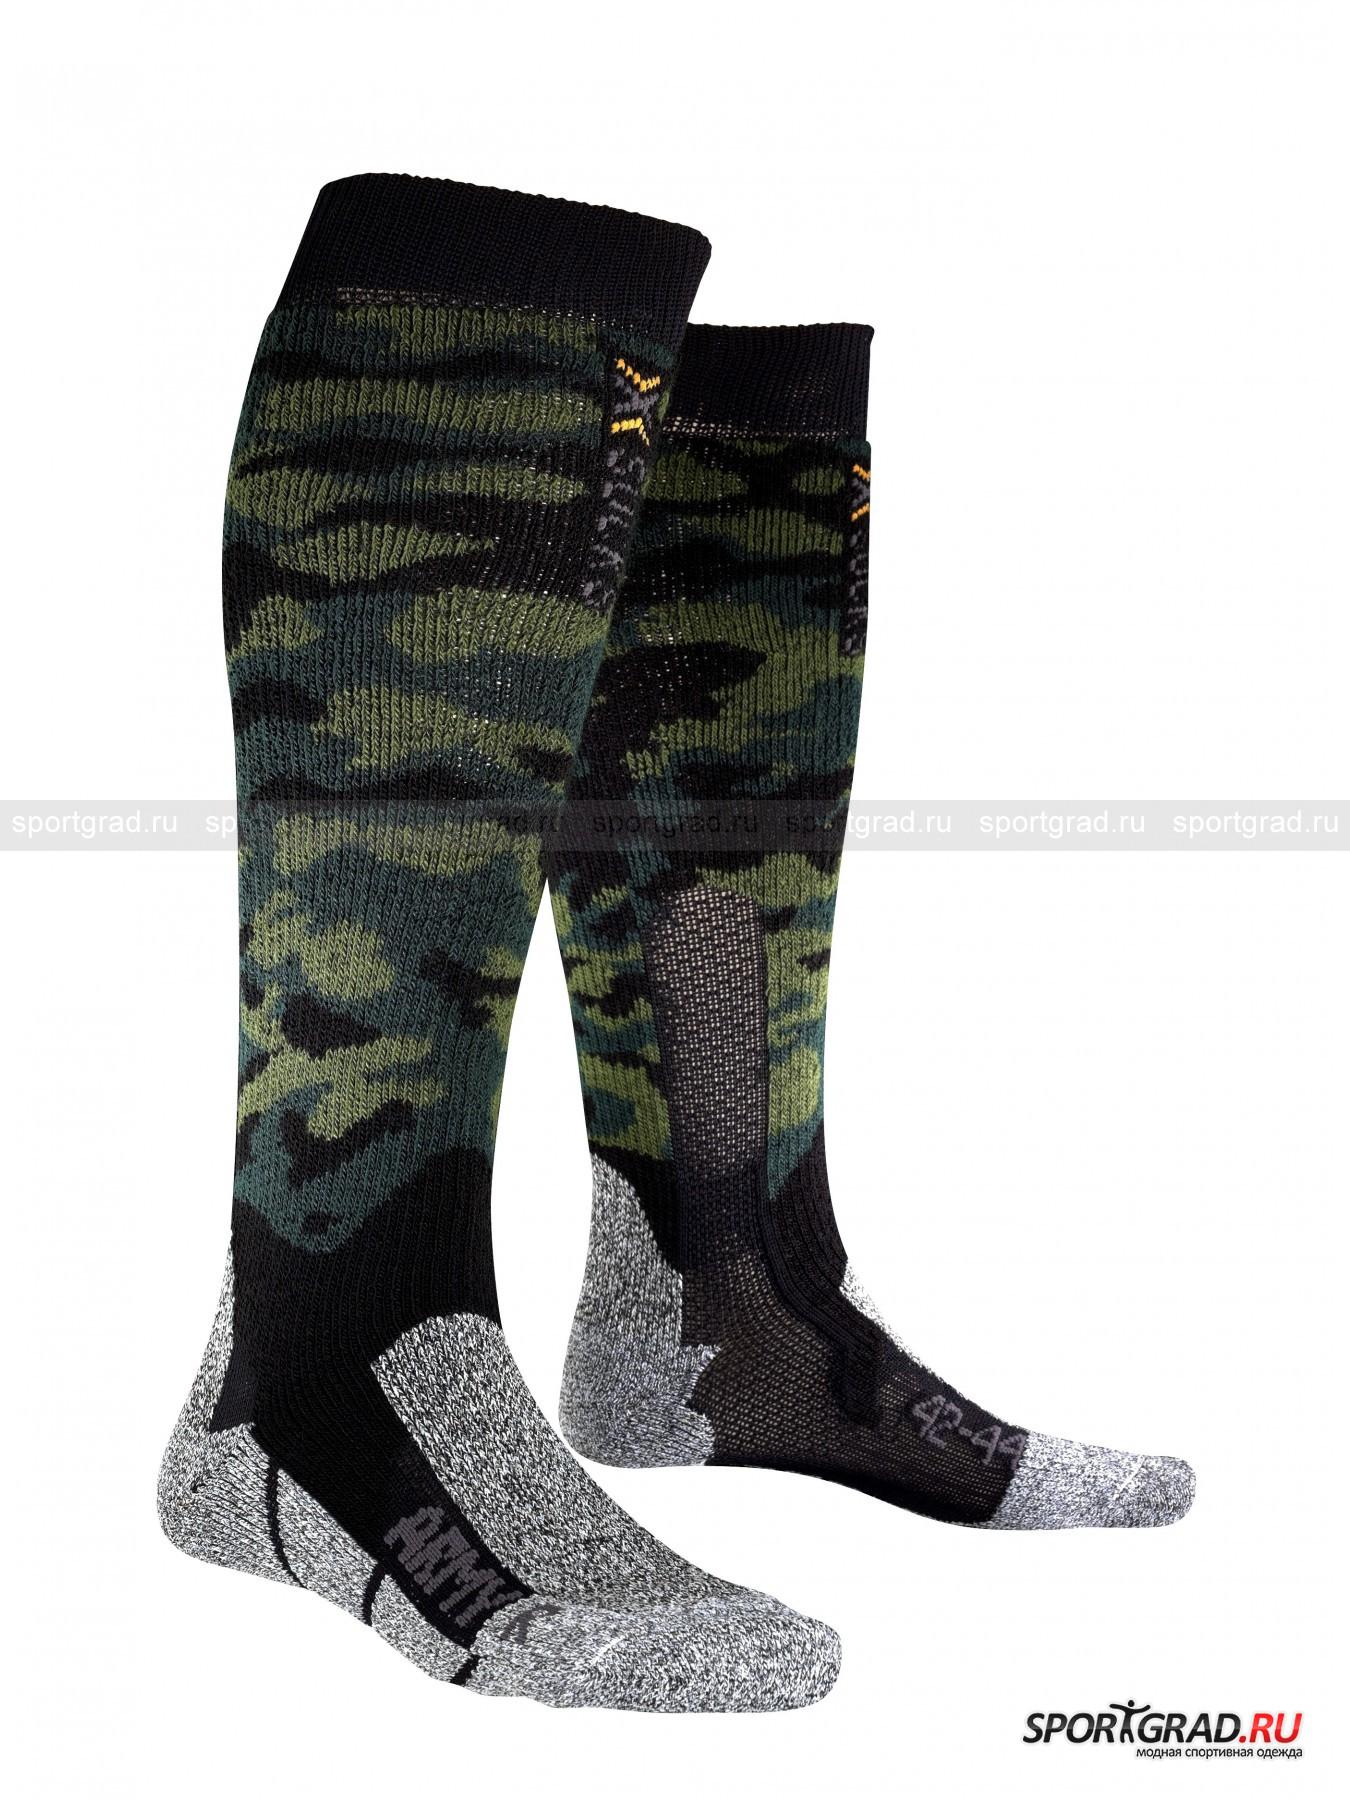 Носки унисекс Army Long X-SOCKS